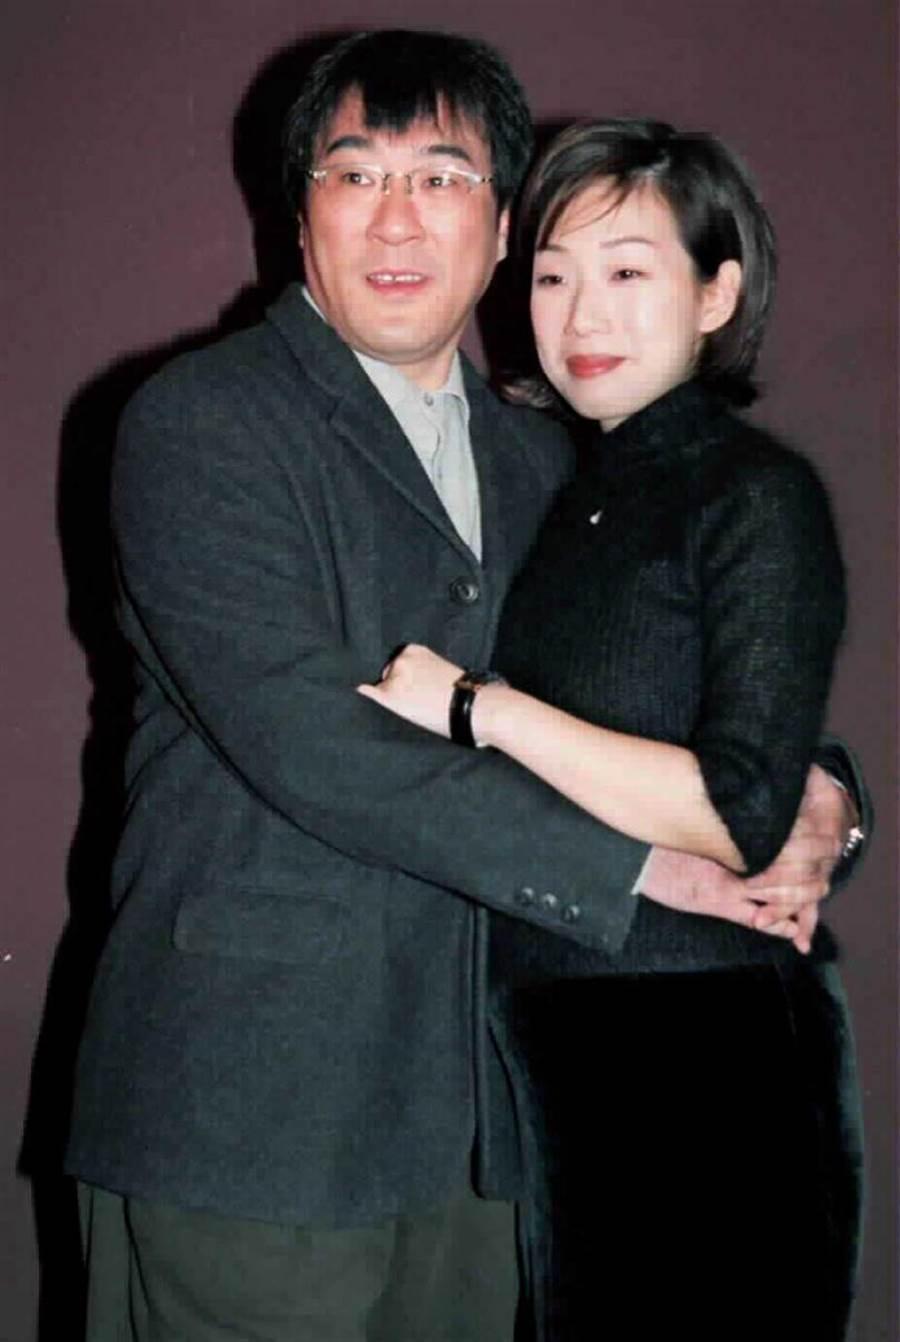 李宗盛和第二任妻子林憶蓮曾合作〈不在乎我是誰〉、〈傷痕〉等多首經典歌曲,但2人撐不過「7年之癢」,最後仍離婚收場。(圖/報系資料照)